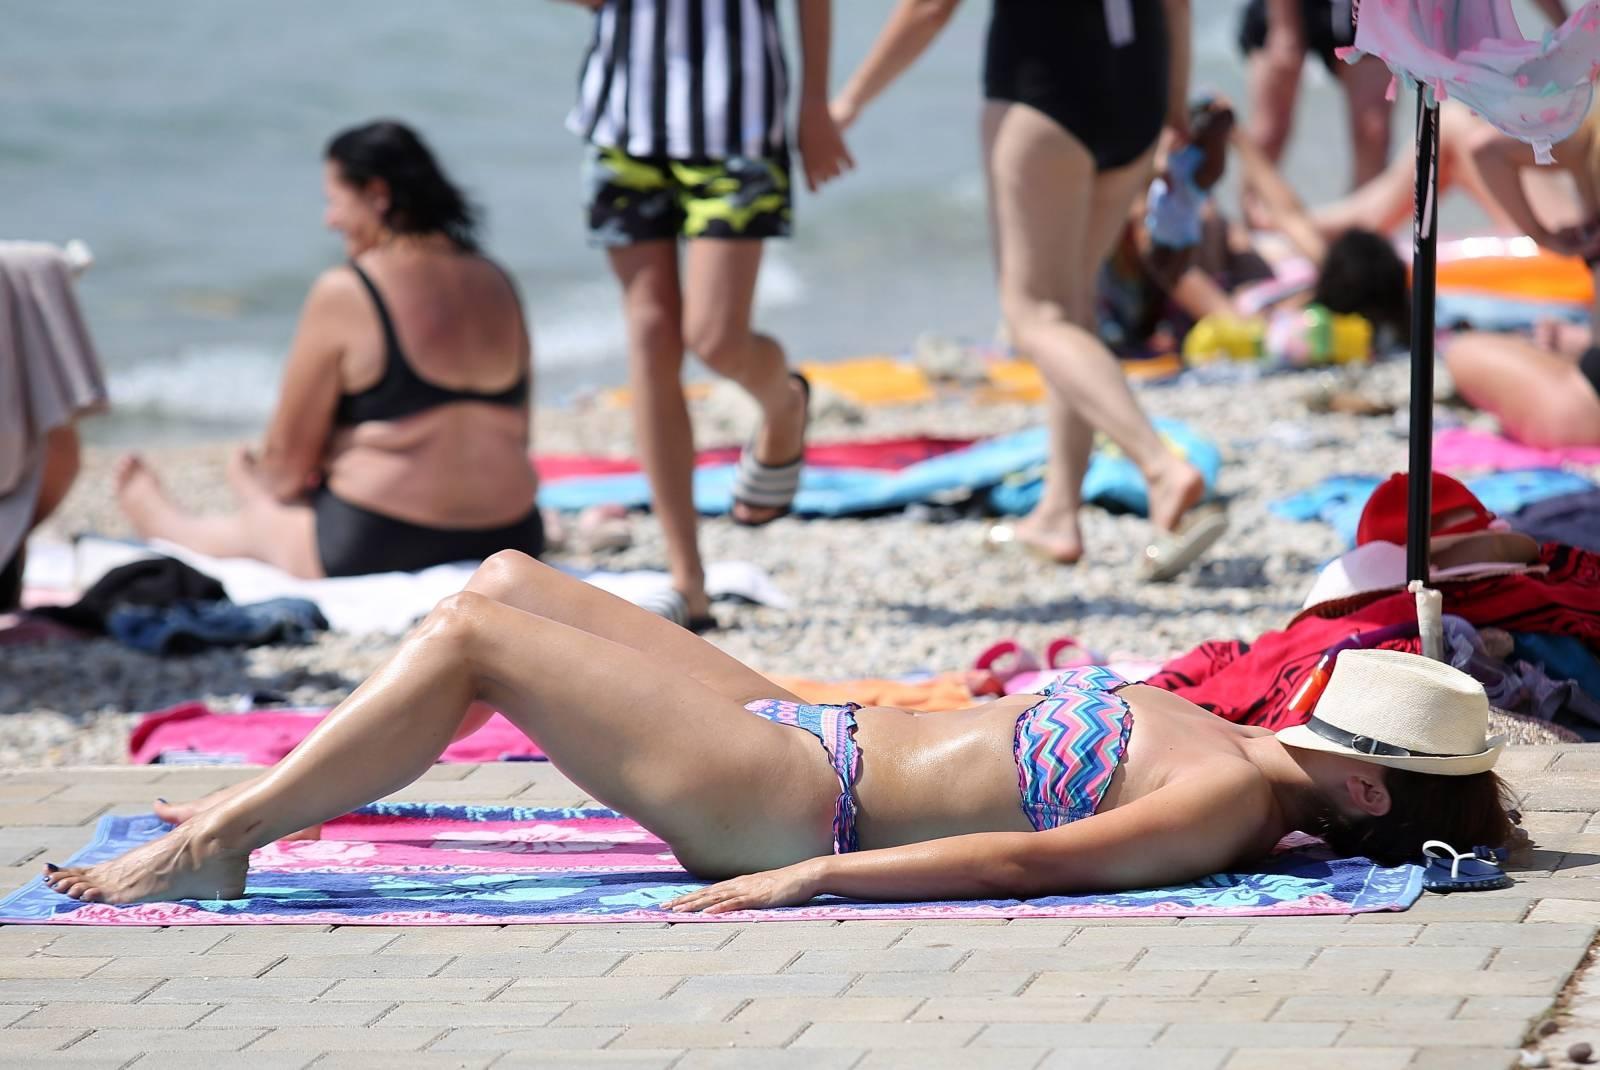 Plaže u Vodicama pune su kupača koji uživaju u sunčanom i toplom danu